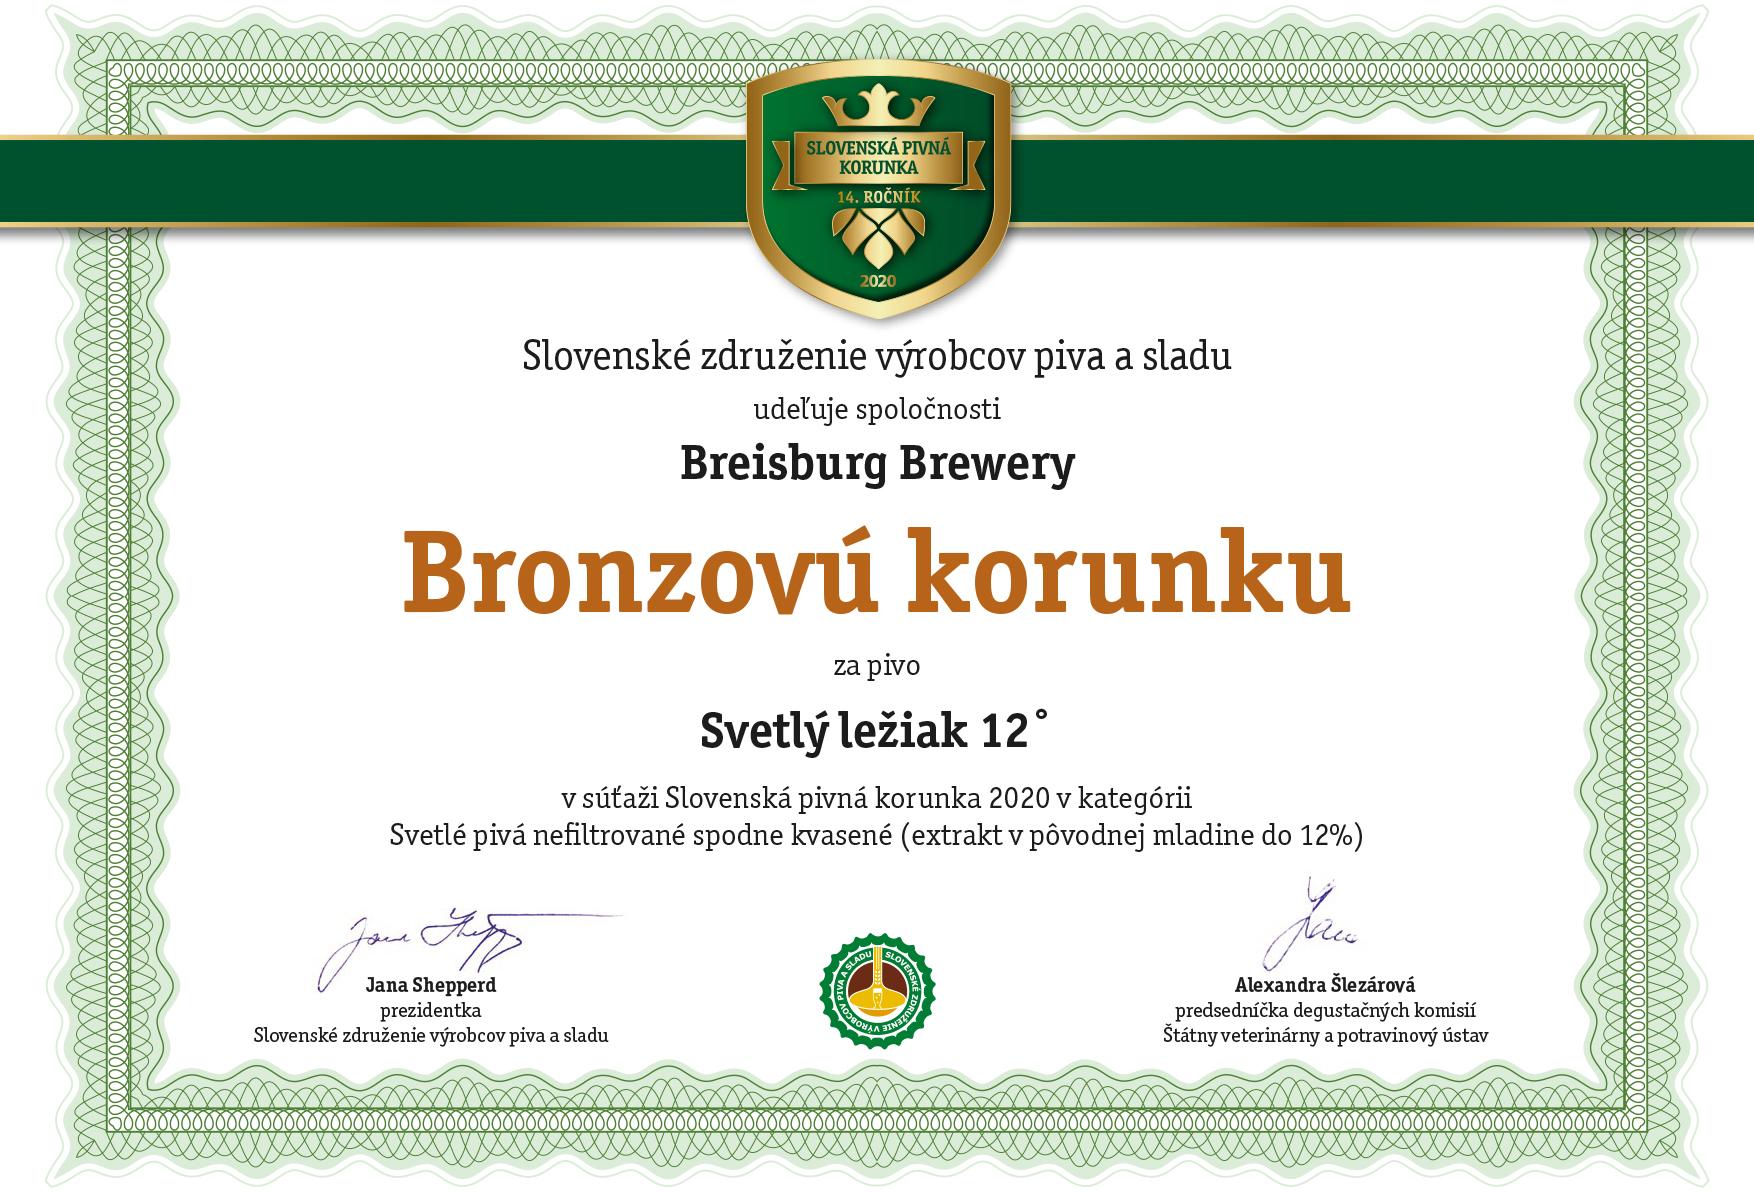 https://breisburg.sk/wp-content/uploads/2020/10/Breisburg-Brewery_SPK-2020_VIII-3_Svetlý-ležiak-12.jpg